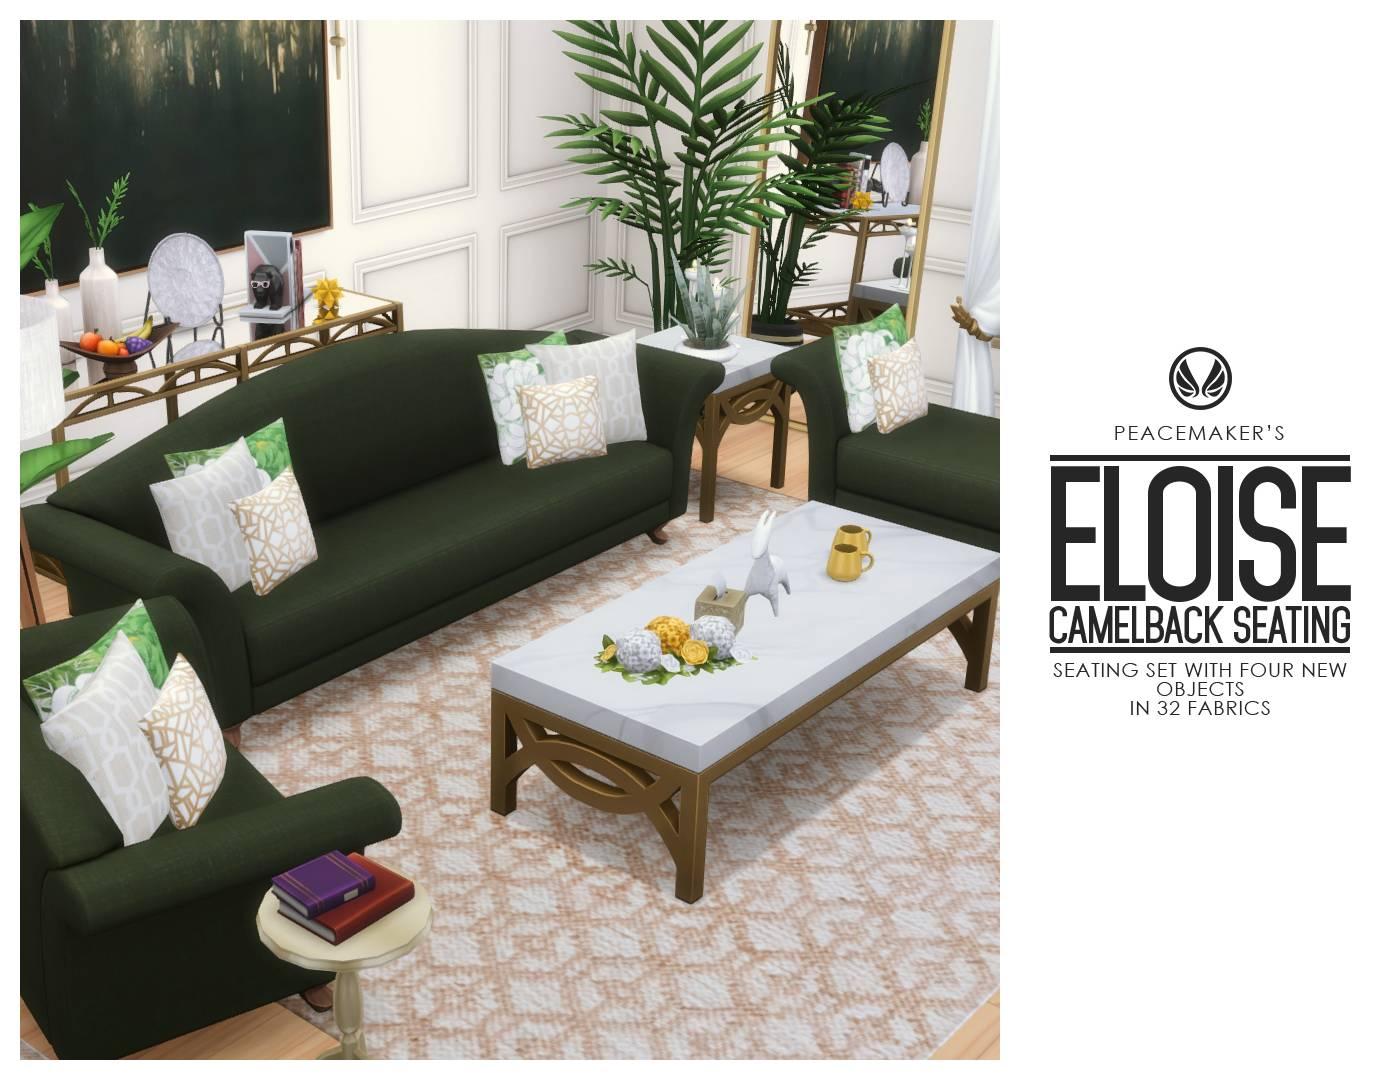 Набор мебели для гостиной - Eloise Camelback Seating